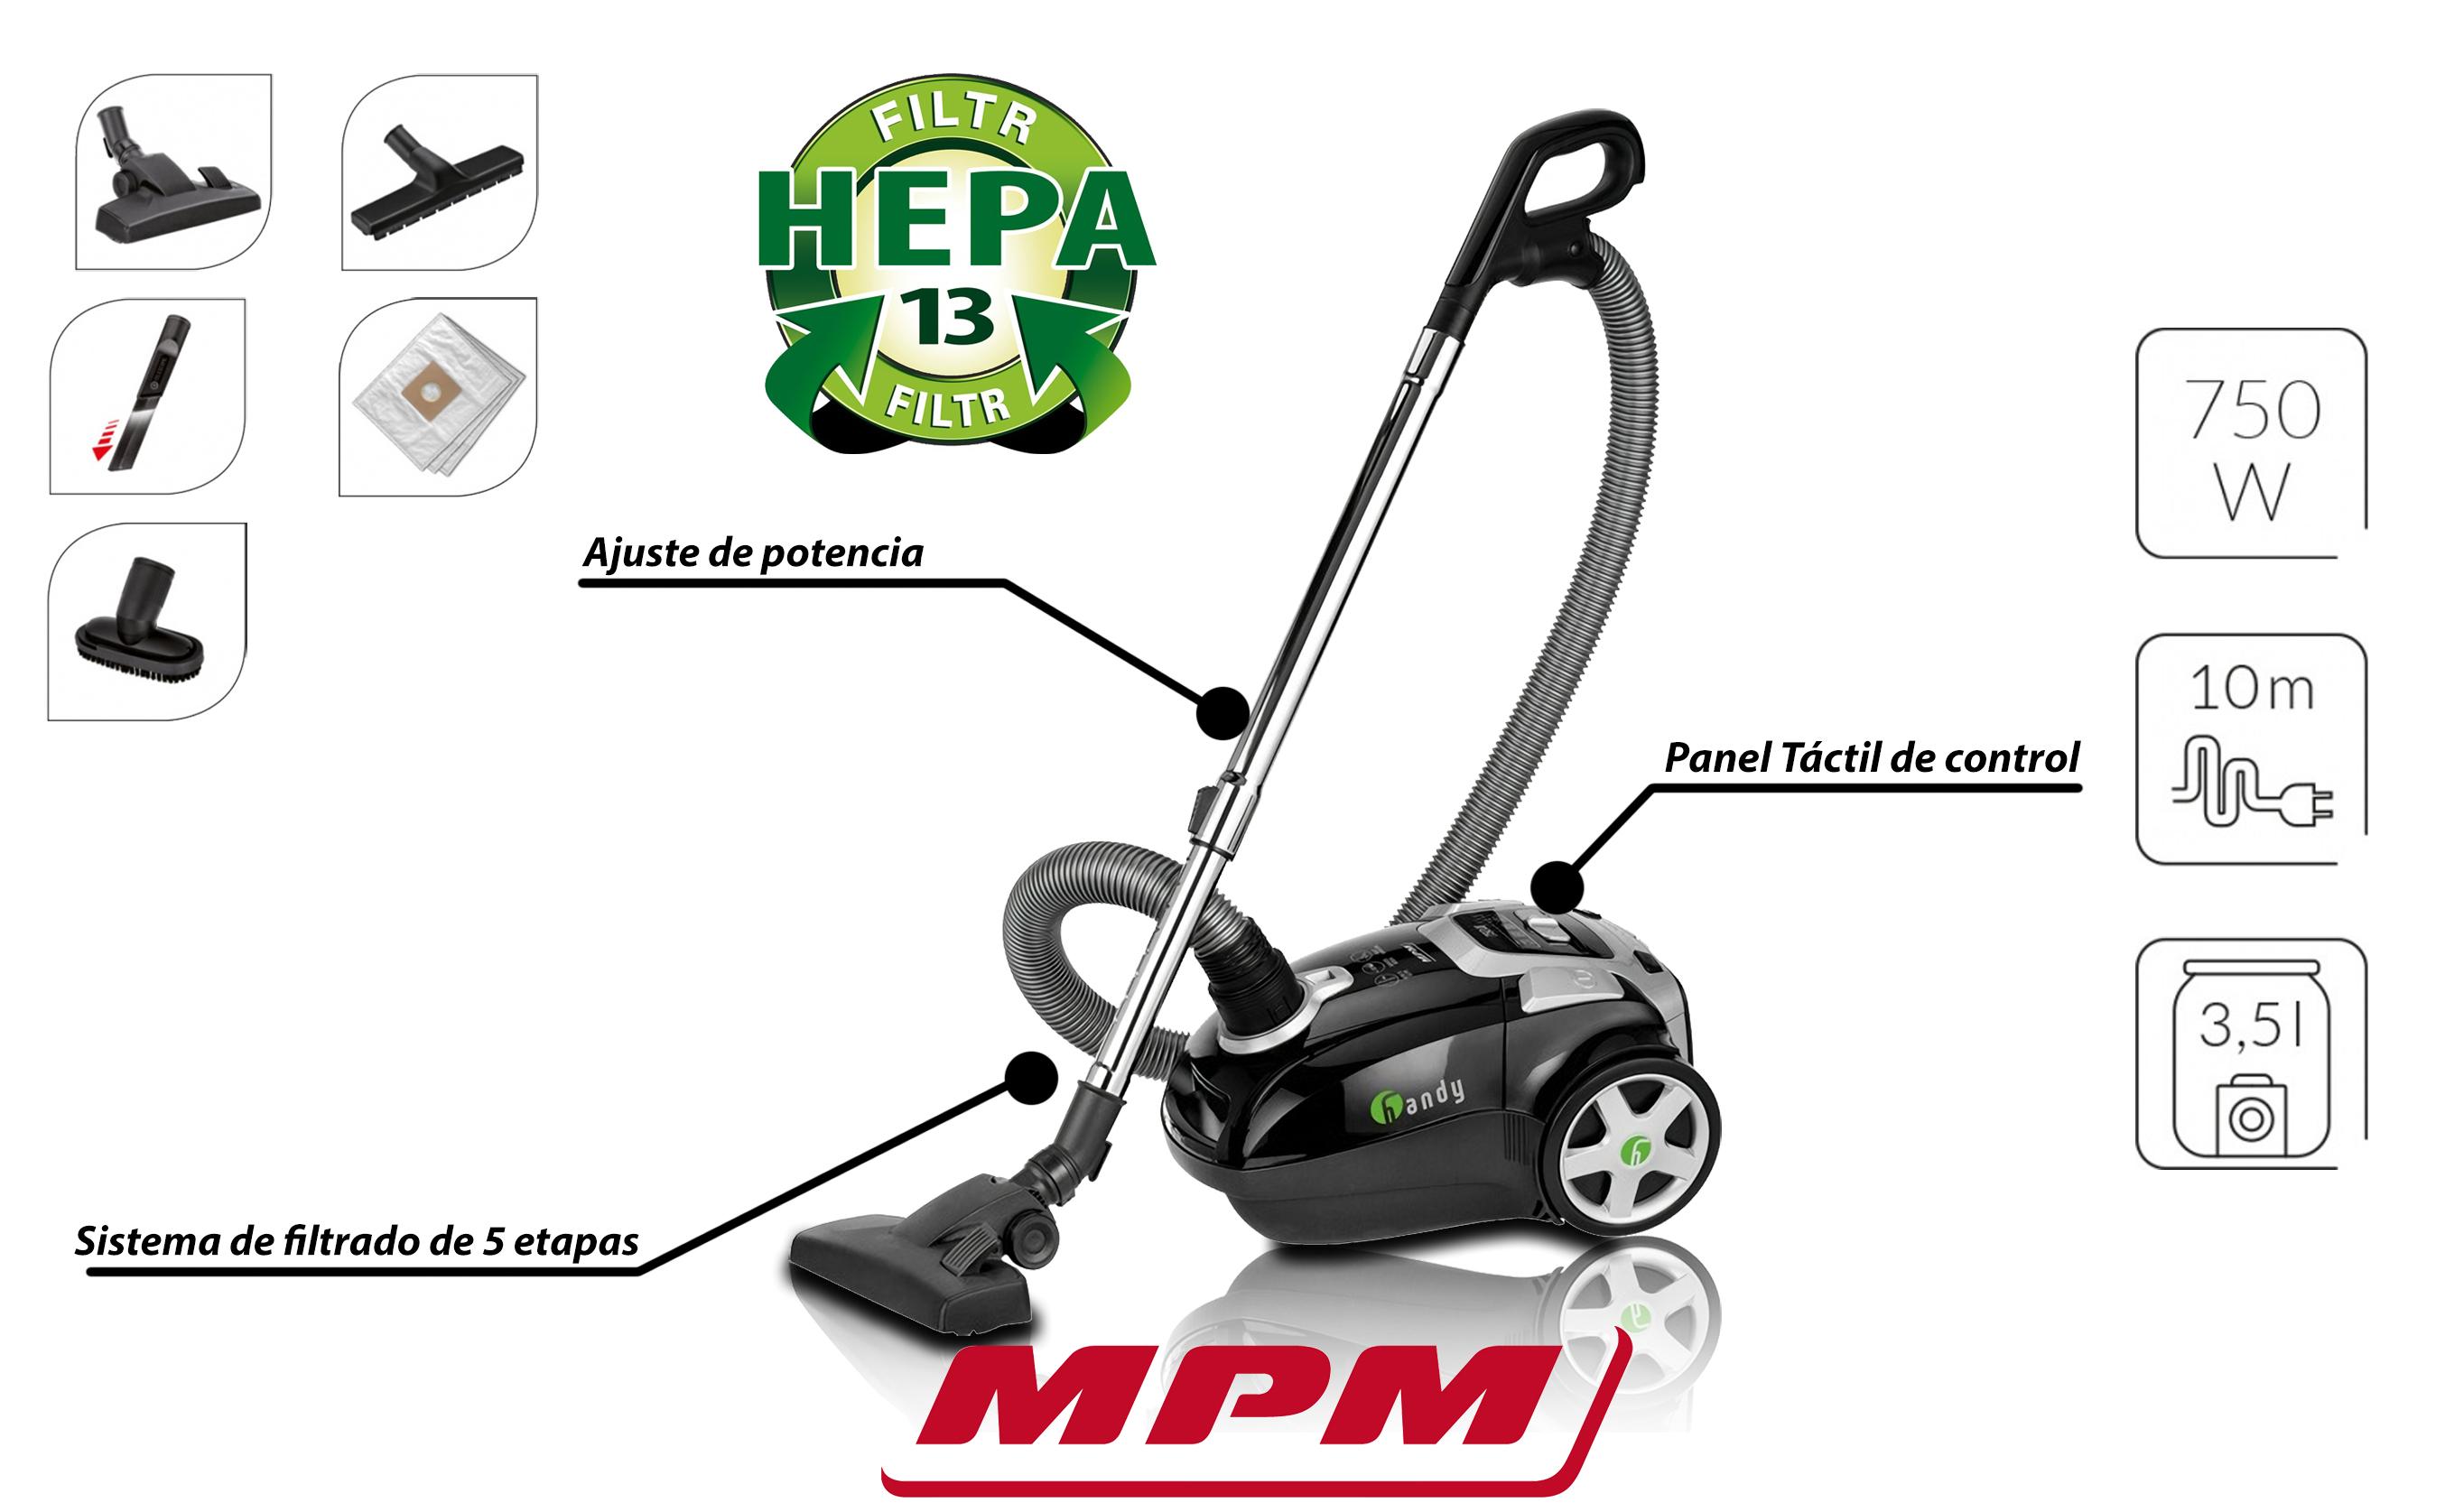 MPM MOD-23 Aspirador con Bolsa de Trineo, Filtro HEPA 13 Cepillo para pelo de mascota, parquet, tapicerías, Boquilla para Ranuras, 3.5 litros de depósito, 750W